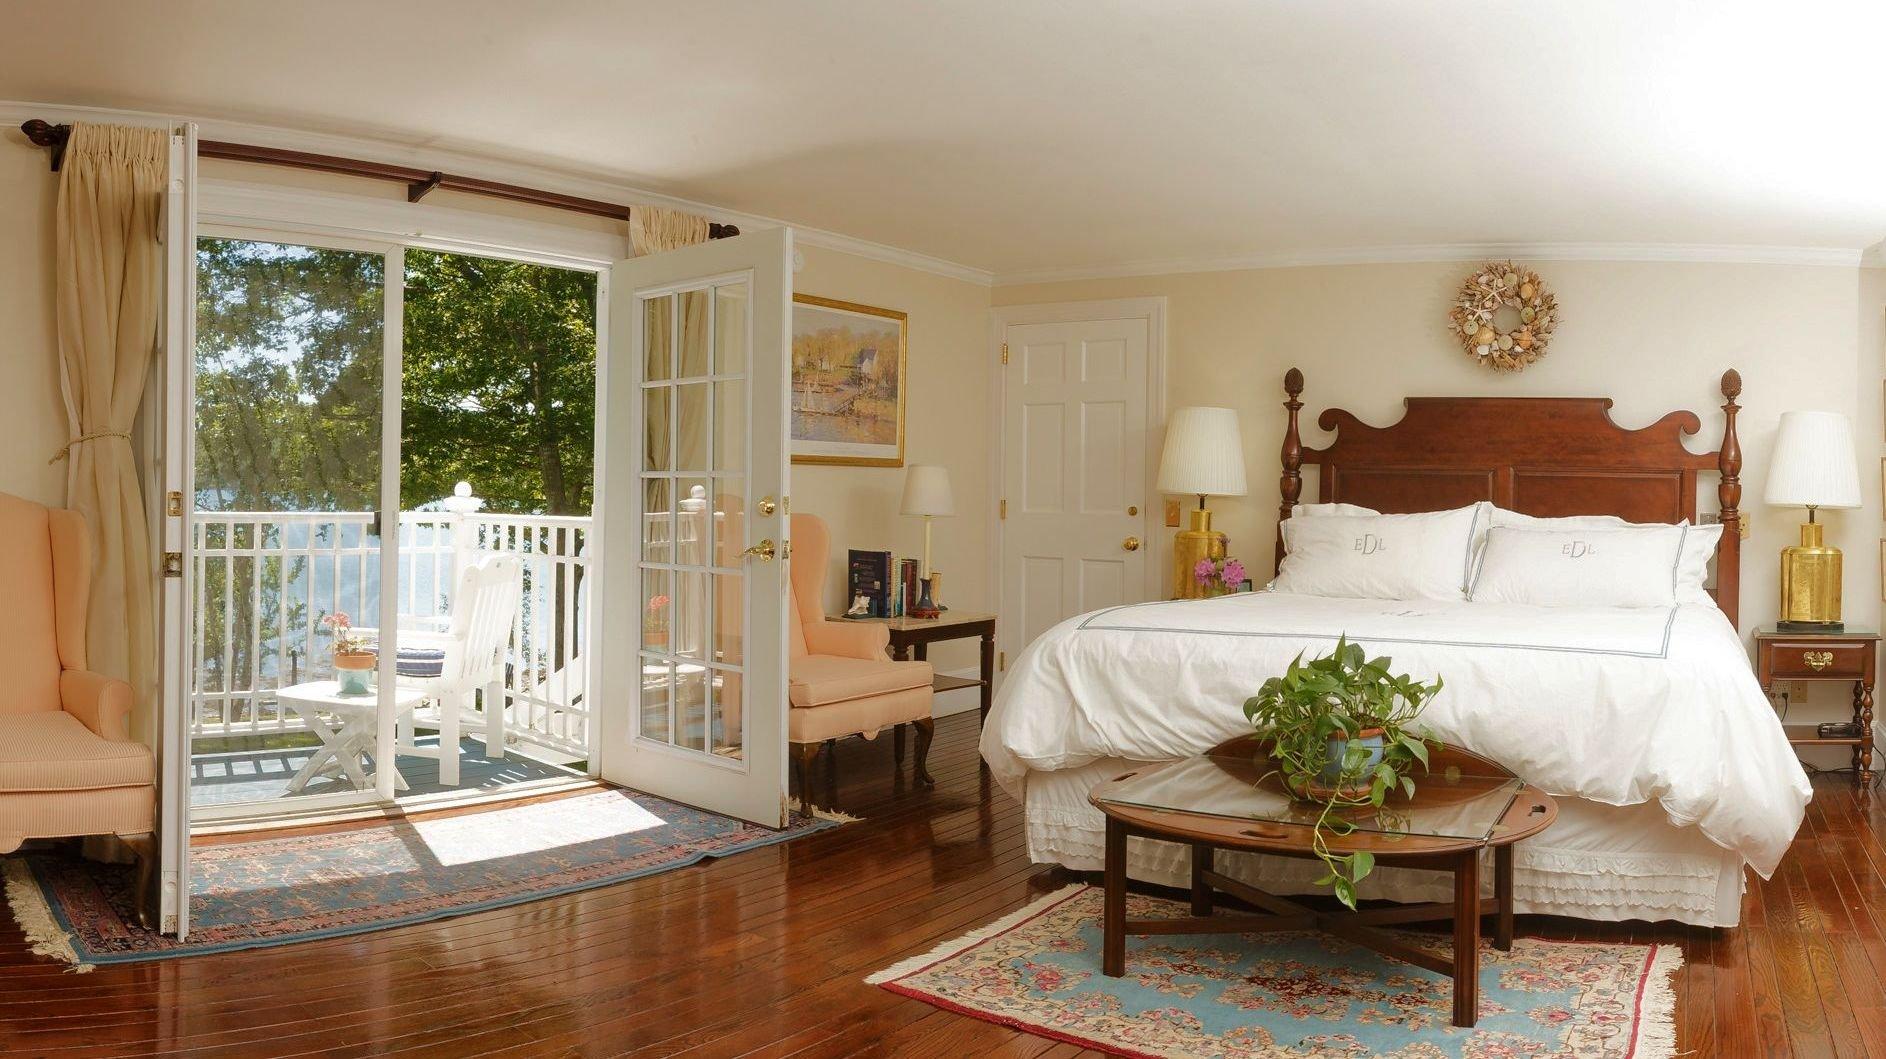 Master bedroom with French door and deck overlooking the ocean. Sea breezes. Ocean moonrises. (In the evenings, deer gather on the lawn below).